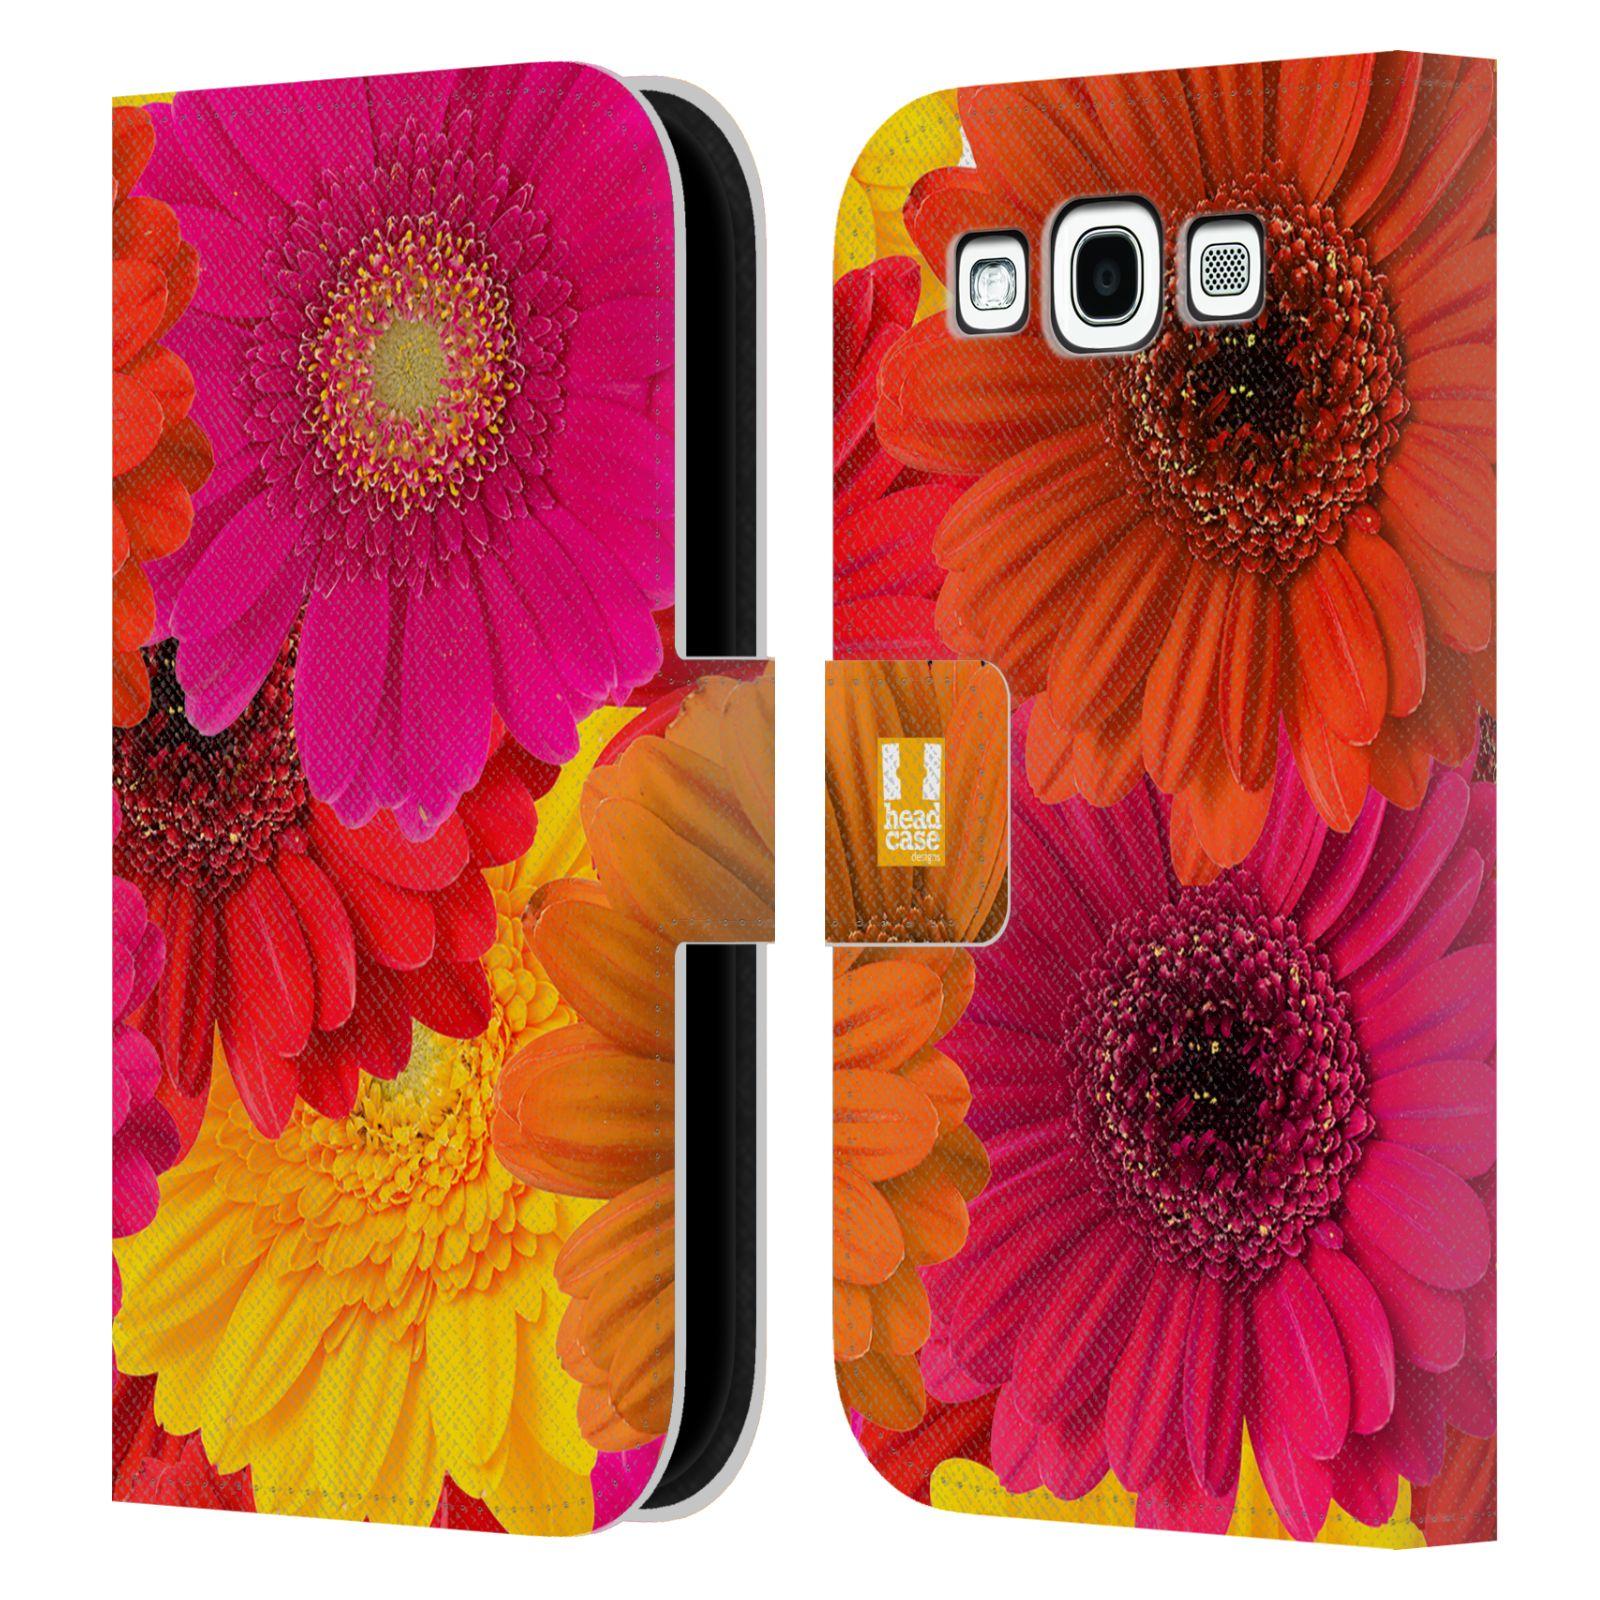 HEAD CASE Flipové pouzdro pro mobil Samsung Galaxy S3 květy foto fialová, oranžová GERBERA